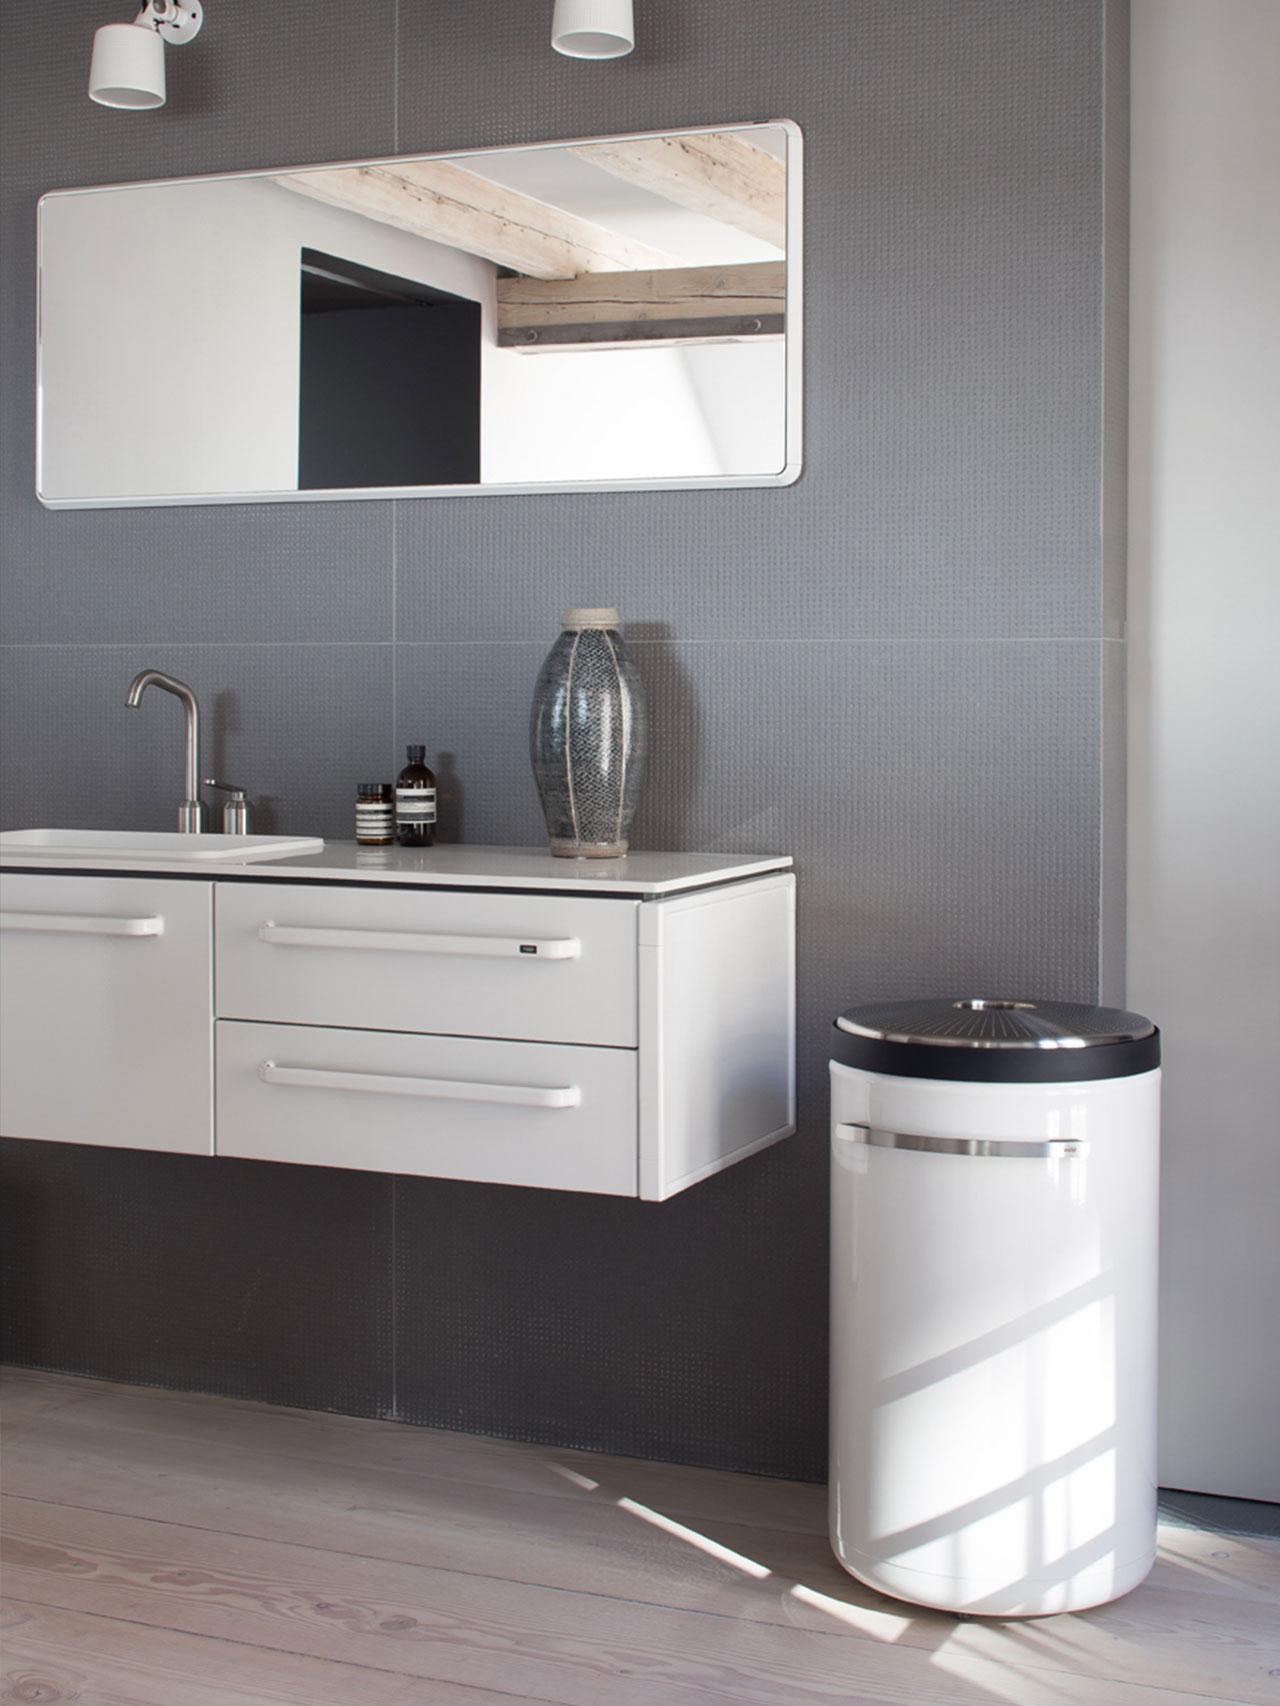 vipp badeværelse Badmodul, large | vipp.com vipp badeværelse